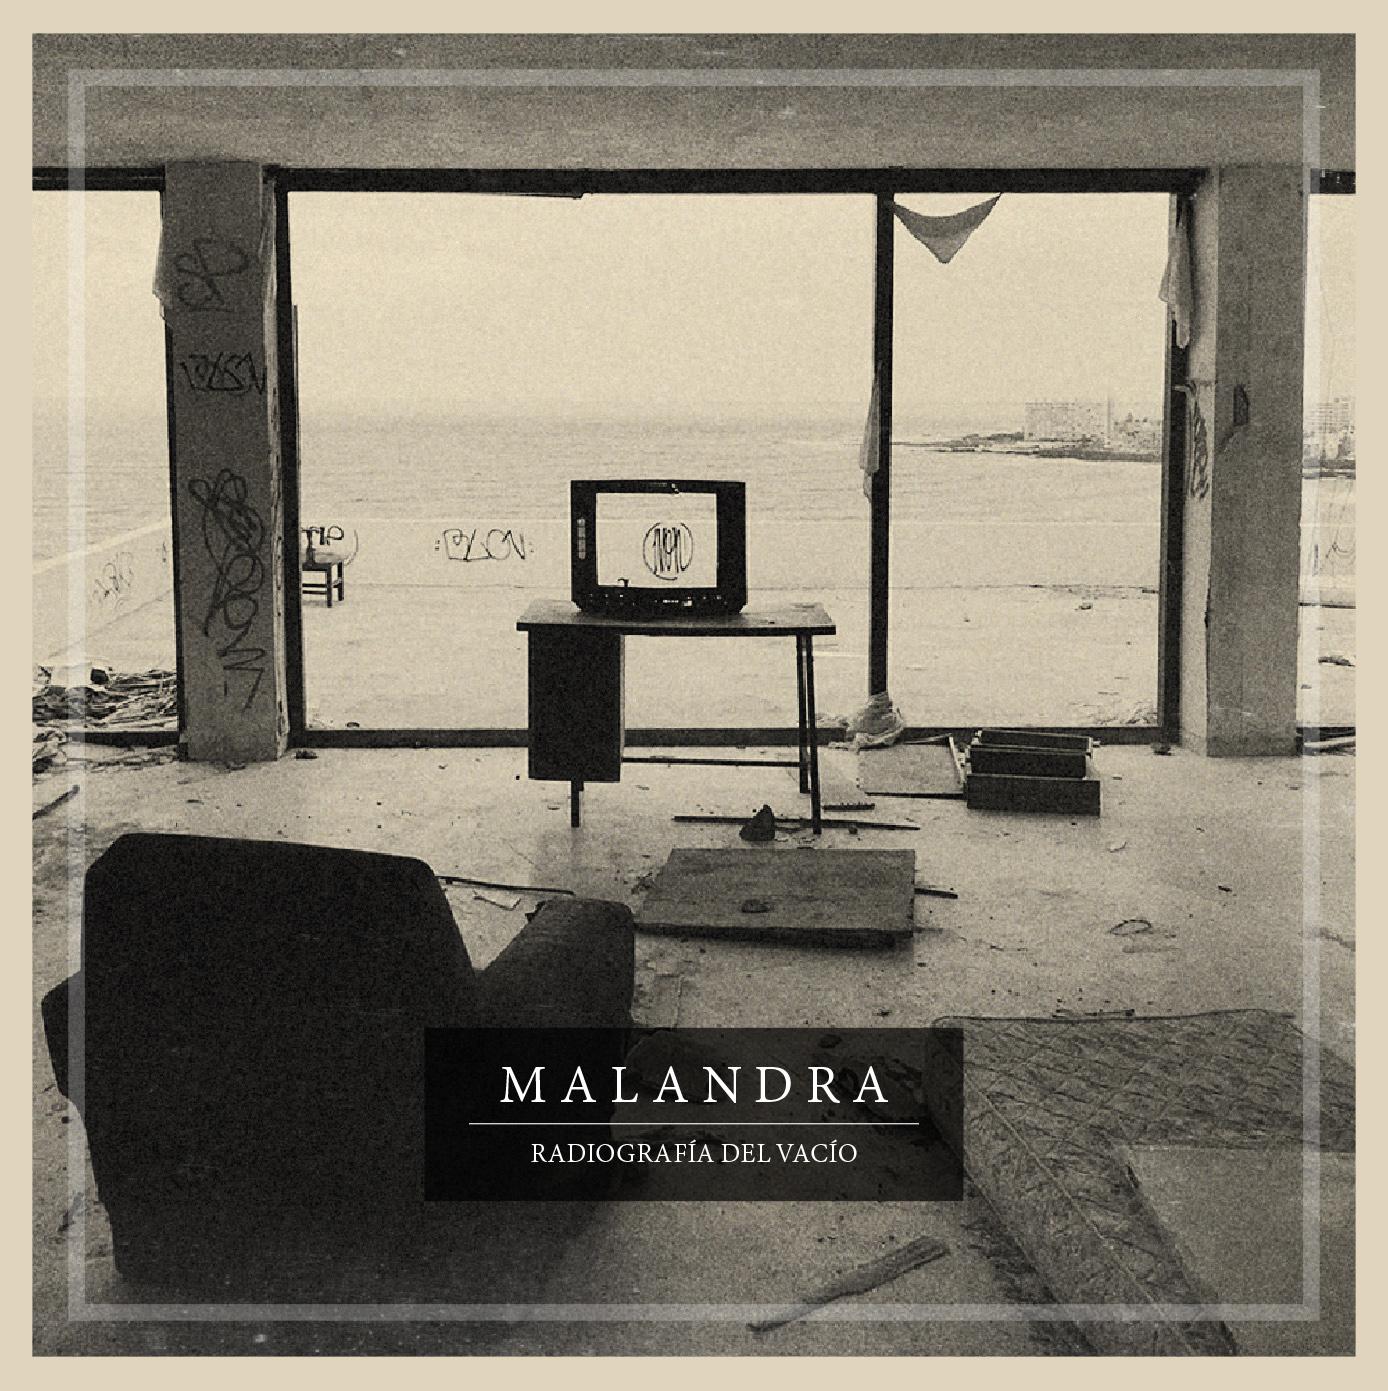 Malandra-Portada CD